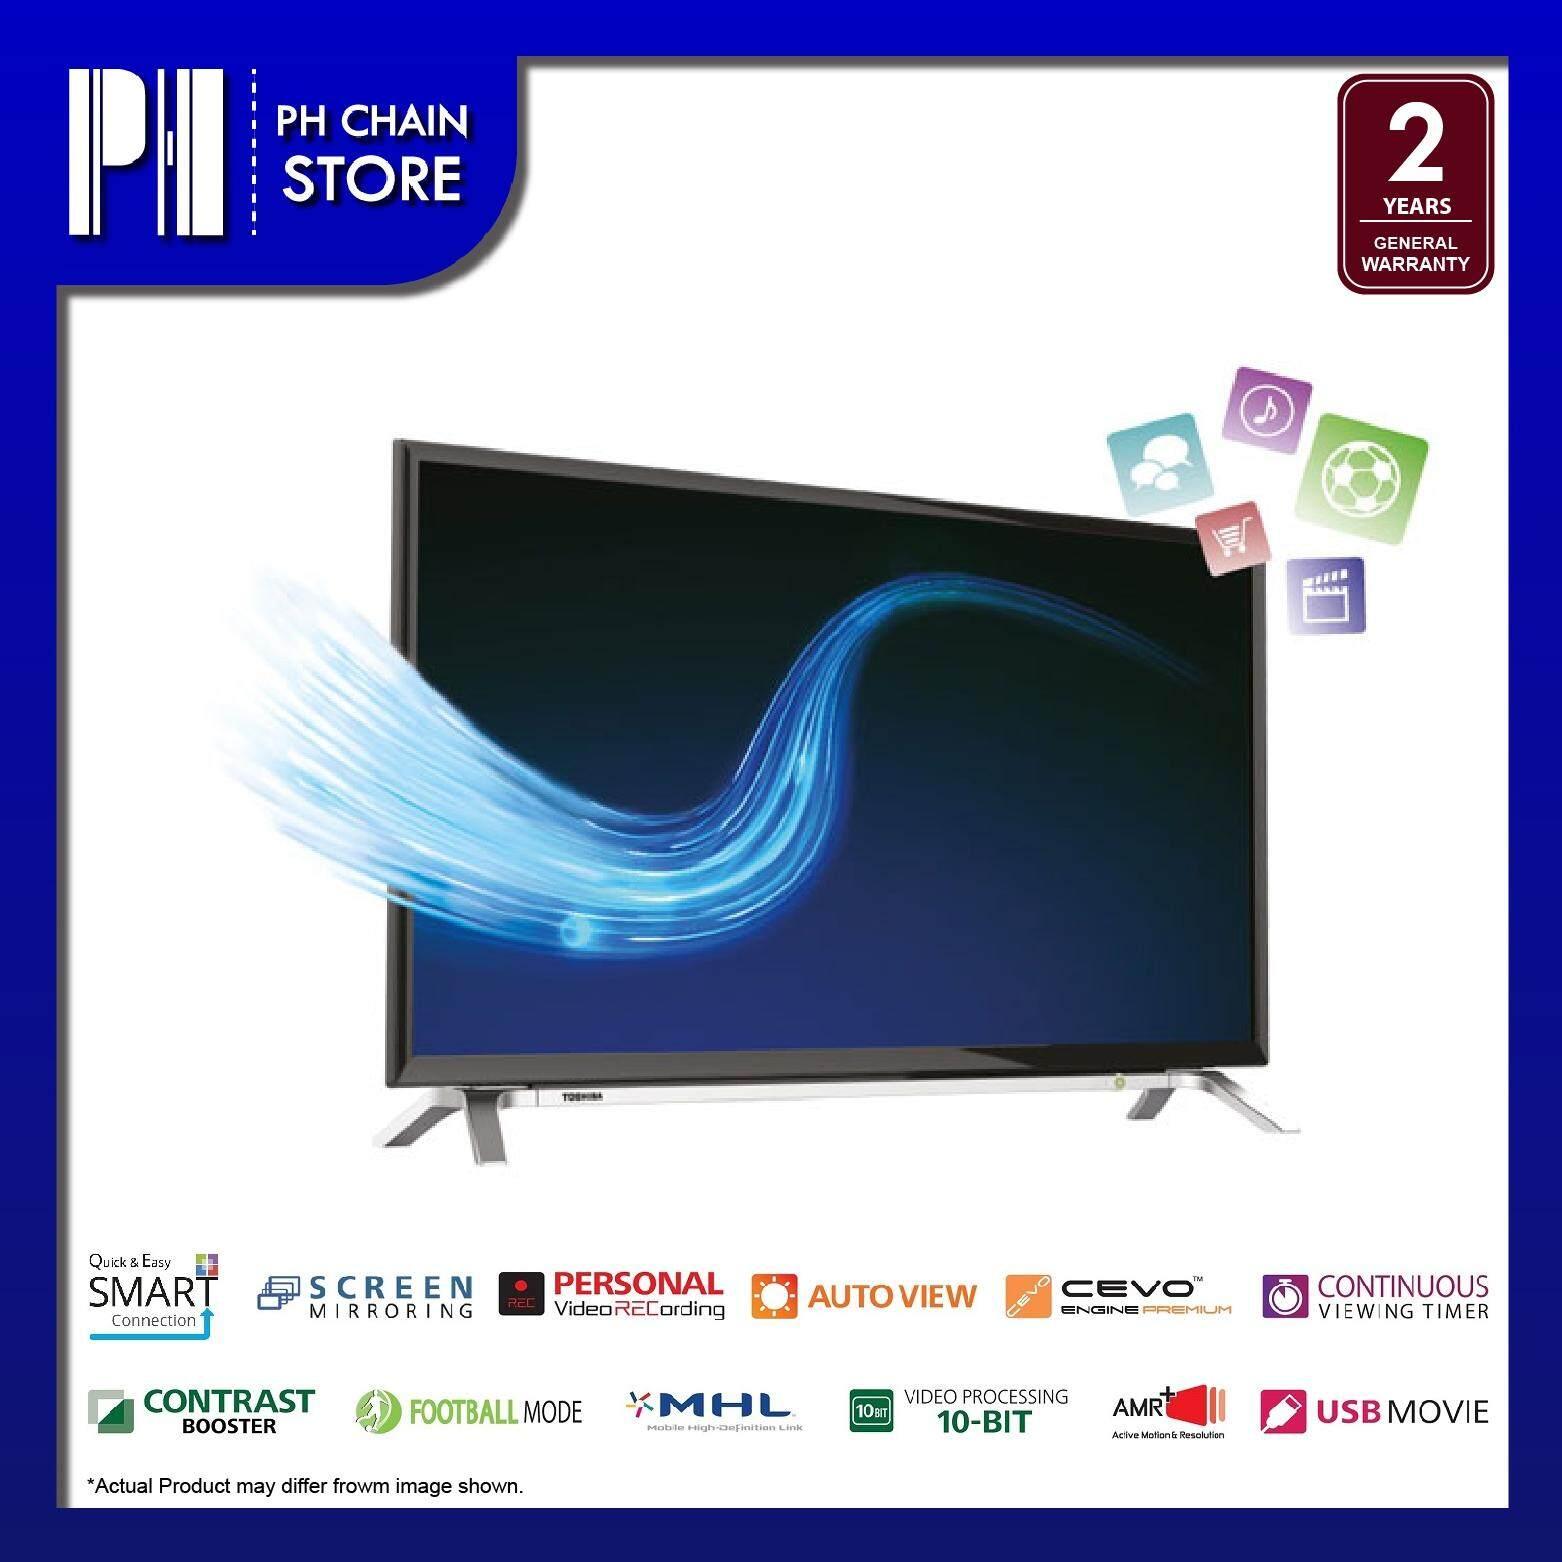 TOSHIBA 40L5650 40 2K SMART TV